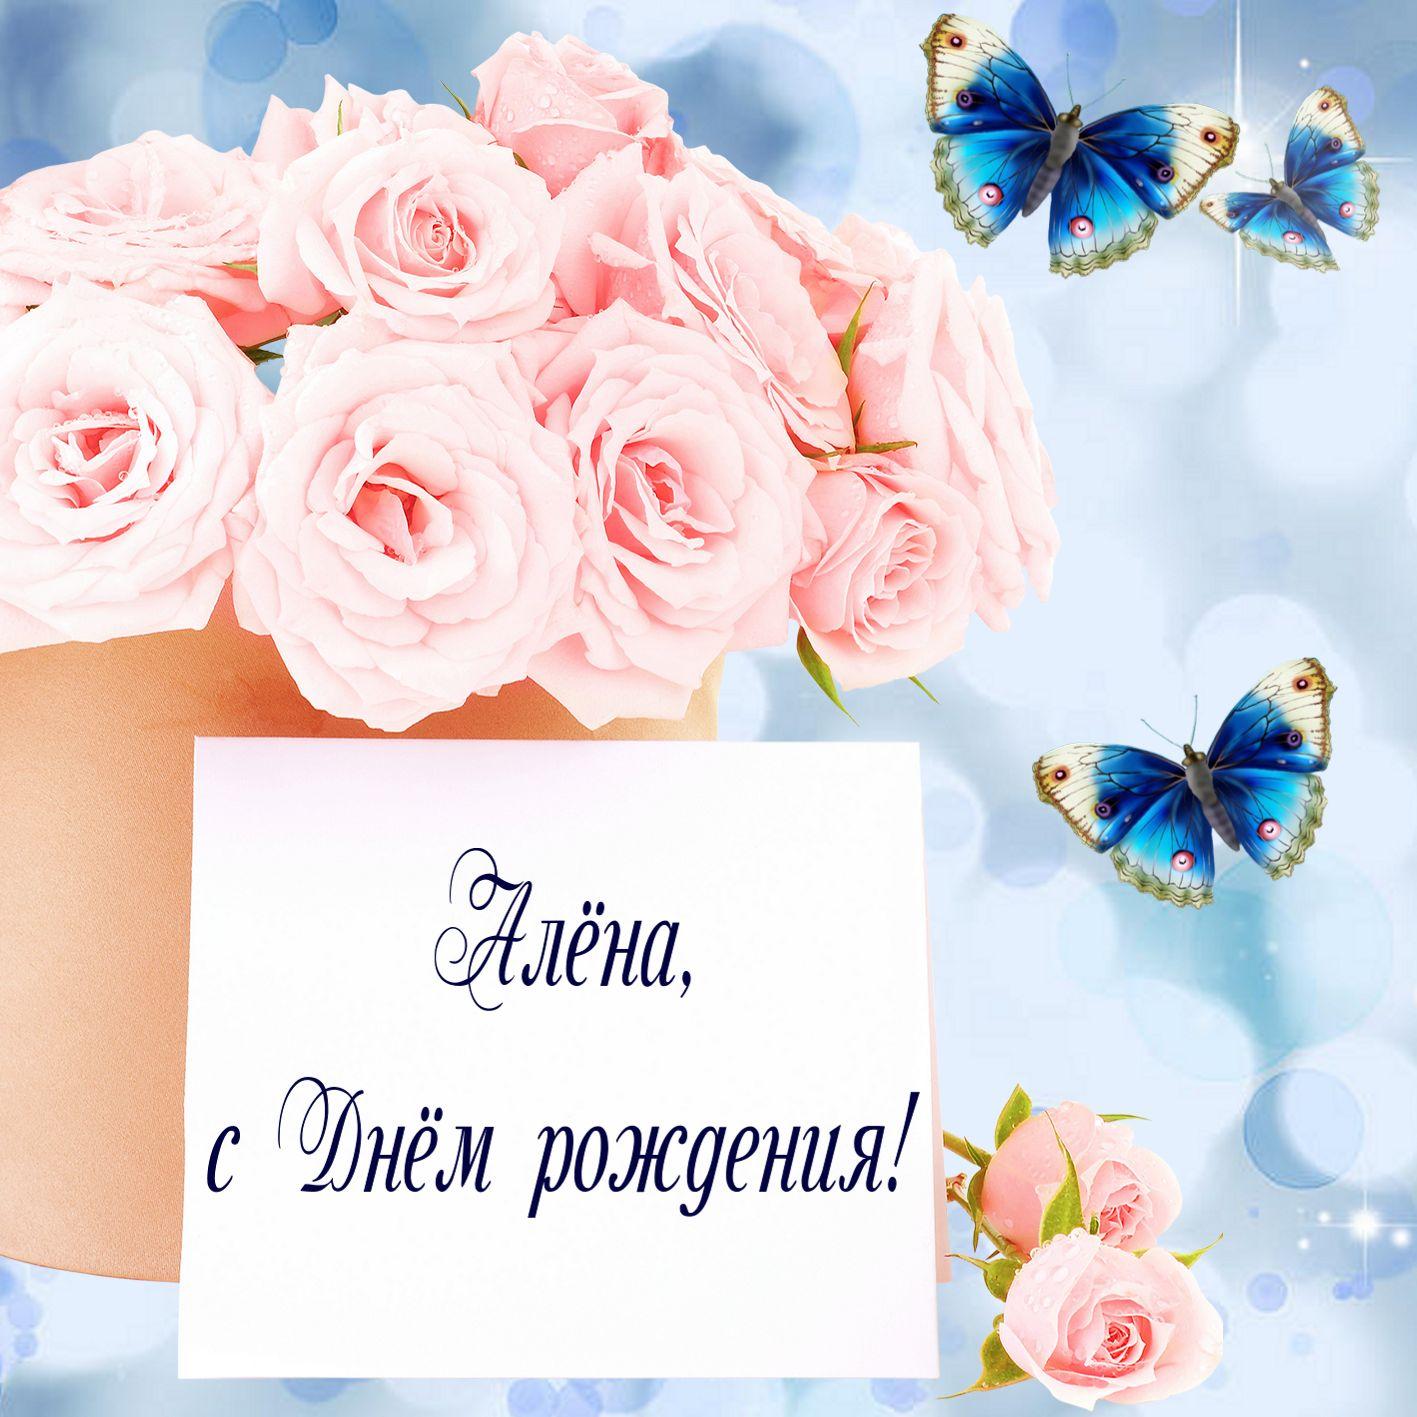 моральных с днем рождения аленчик картинки красивые будет